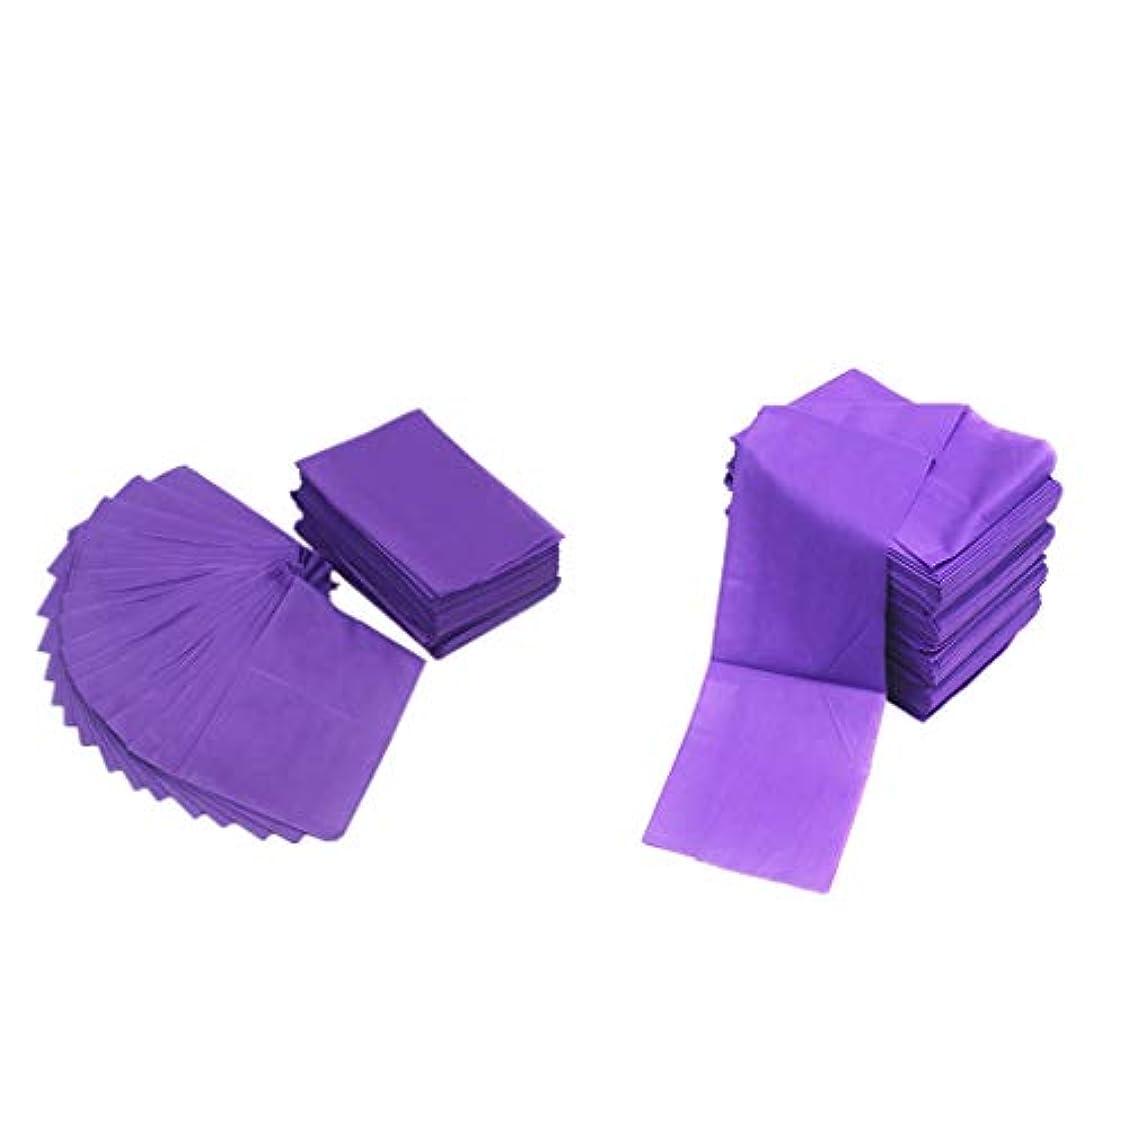 どこ違反する助けてsharprepublic 20ピース不織布使い捨てマッサージテーブルシーツベッドカバー防水パープル